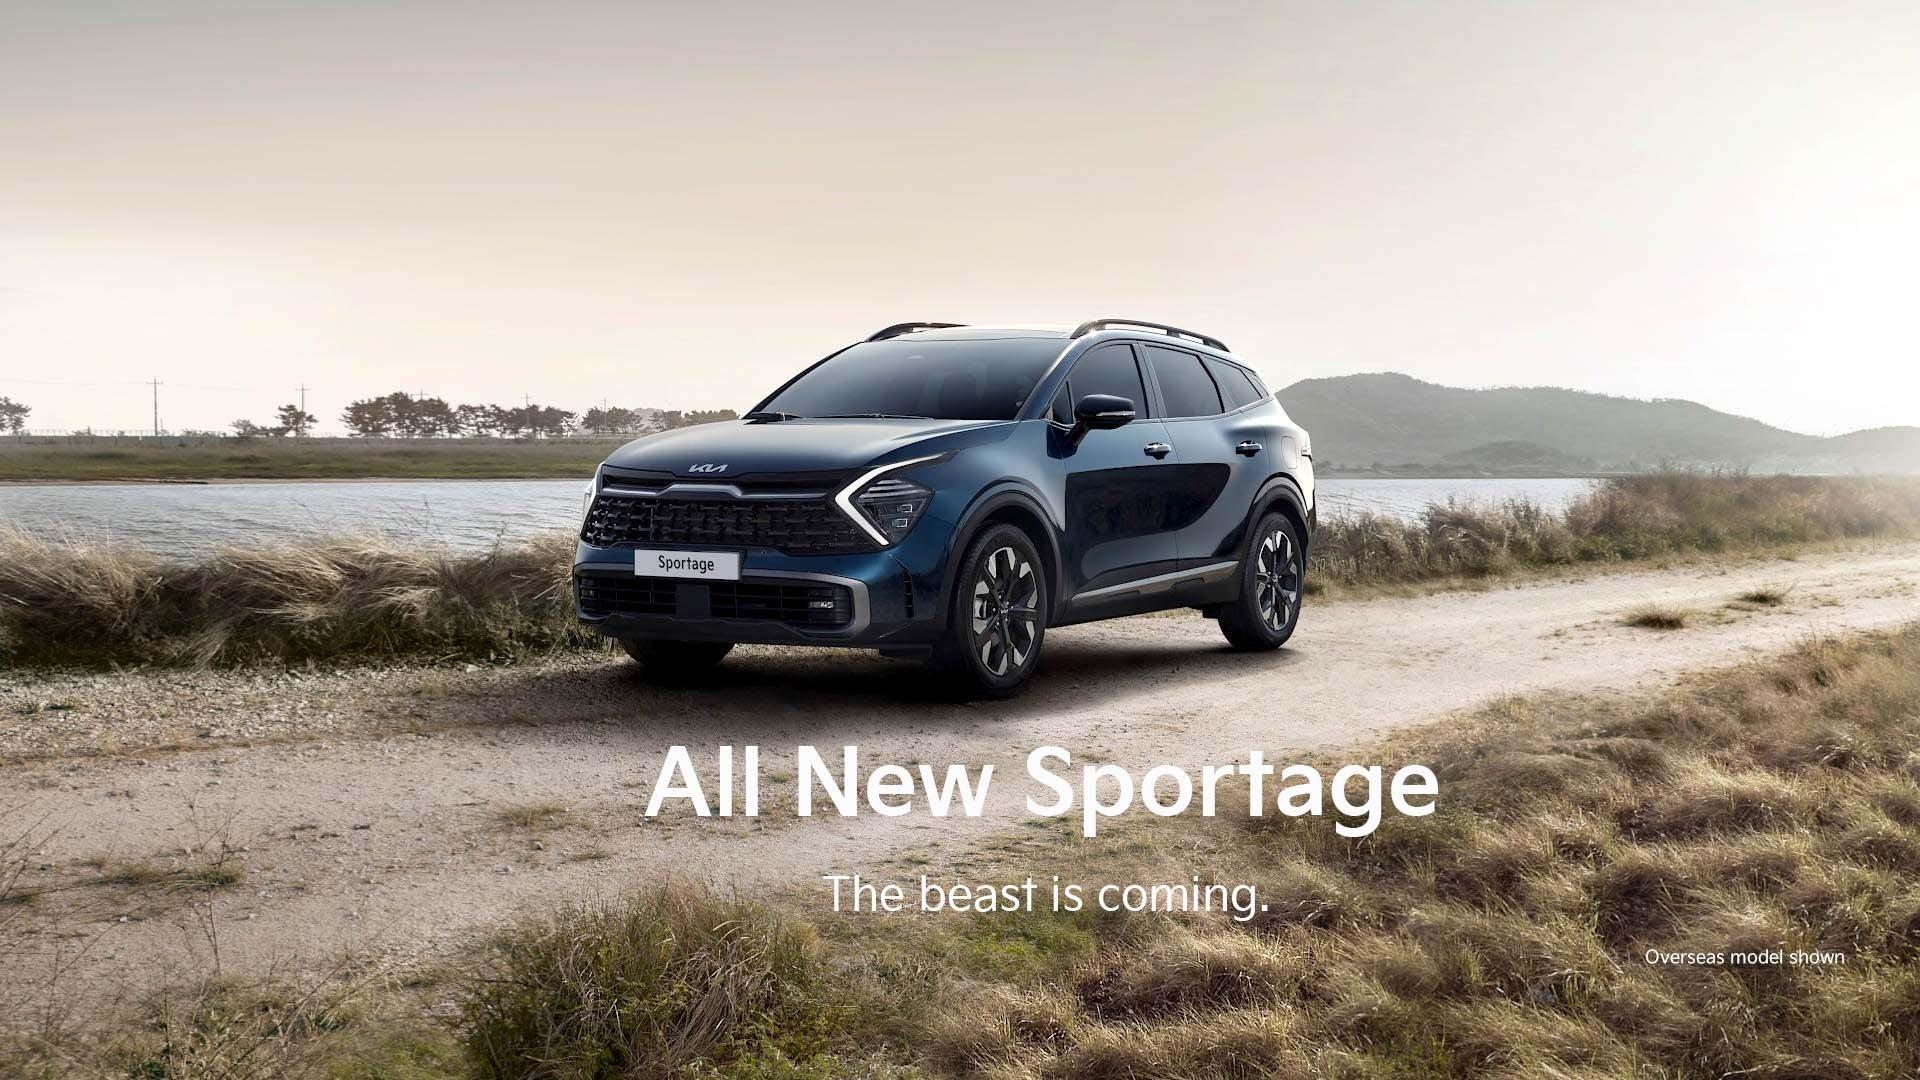 Kia-All-New-Sportage